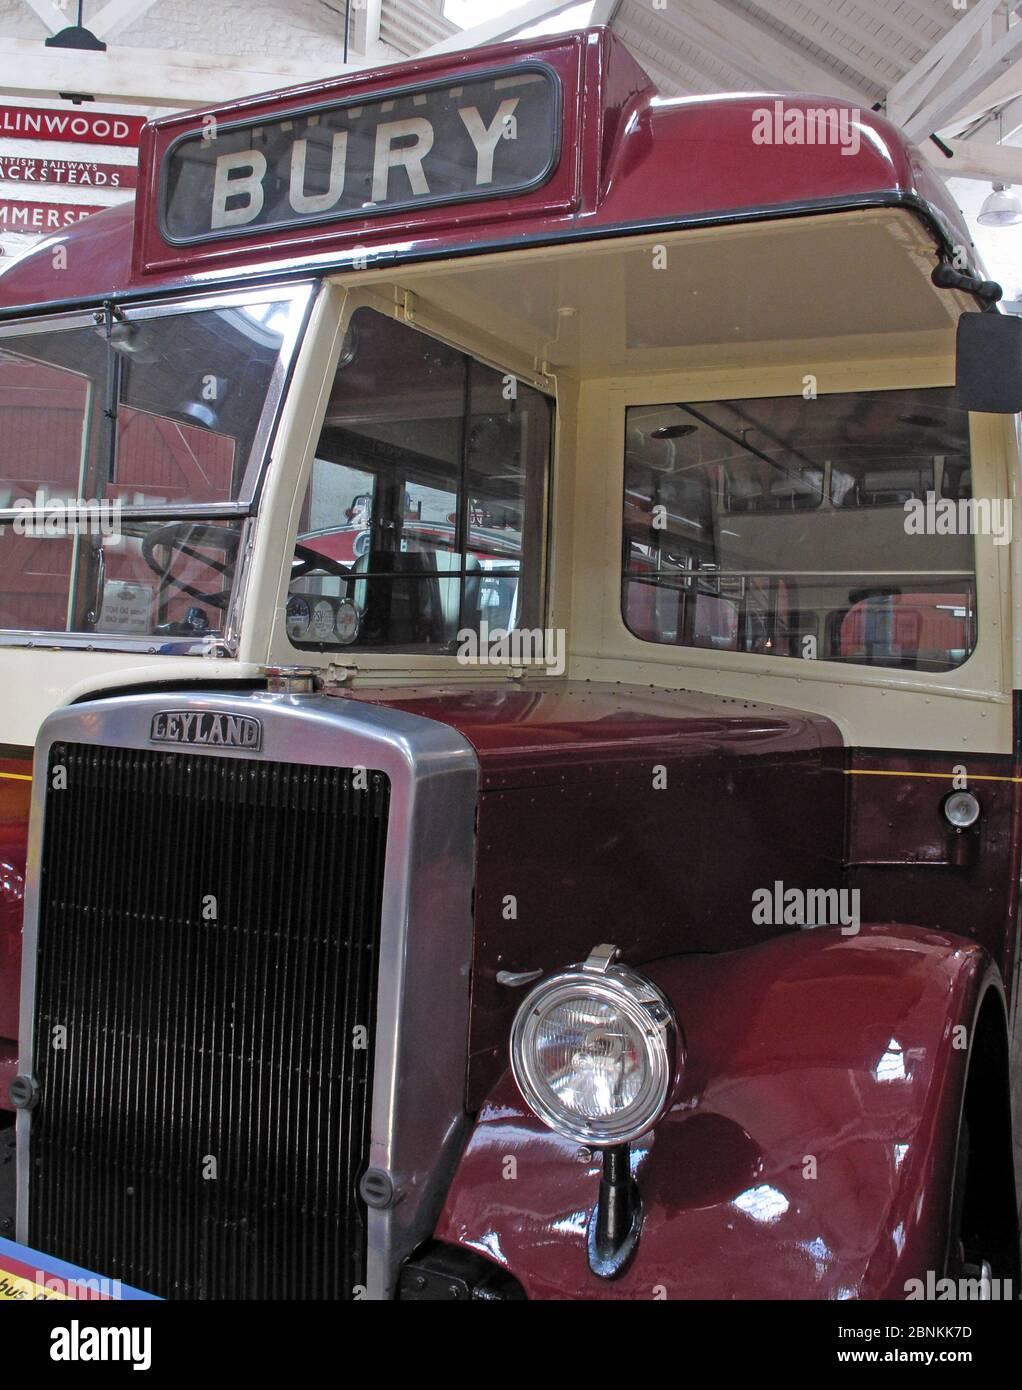 Dieses Stockfoto: Maroon Bury Corporation Leyland Bus, Greater Manchester, Lancashire, England, Großbritannien, 1960, 1960er Jahre - 2BNKK7